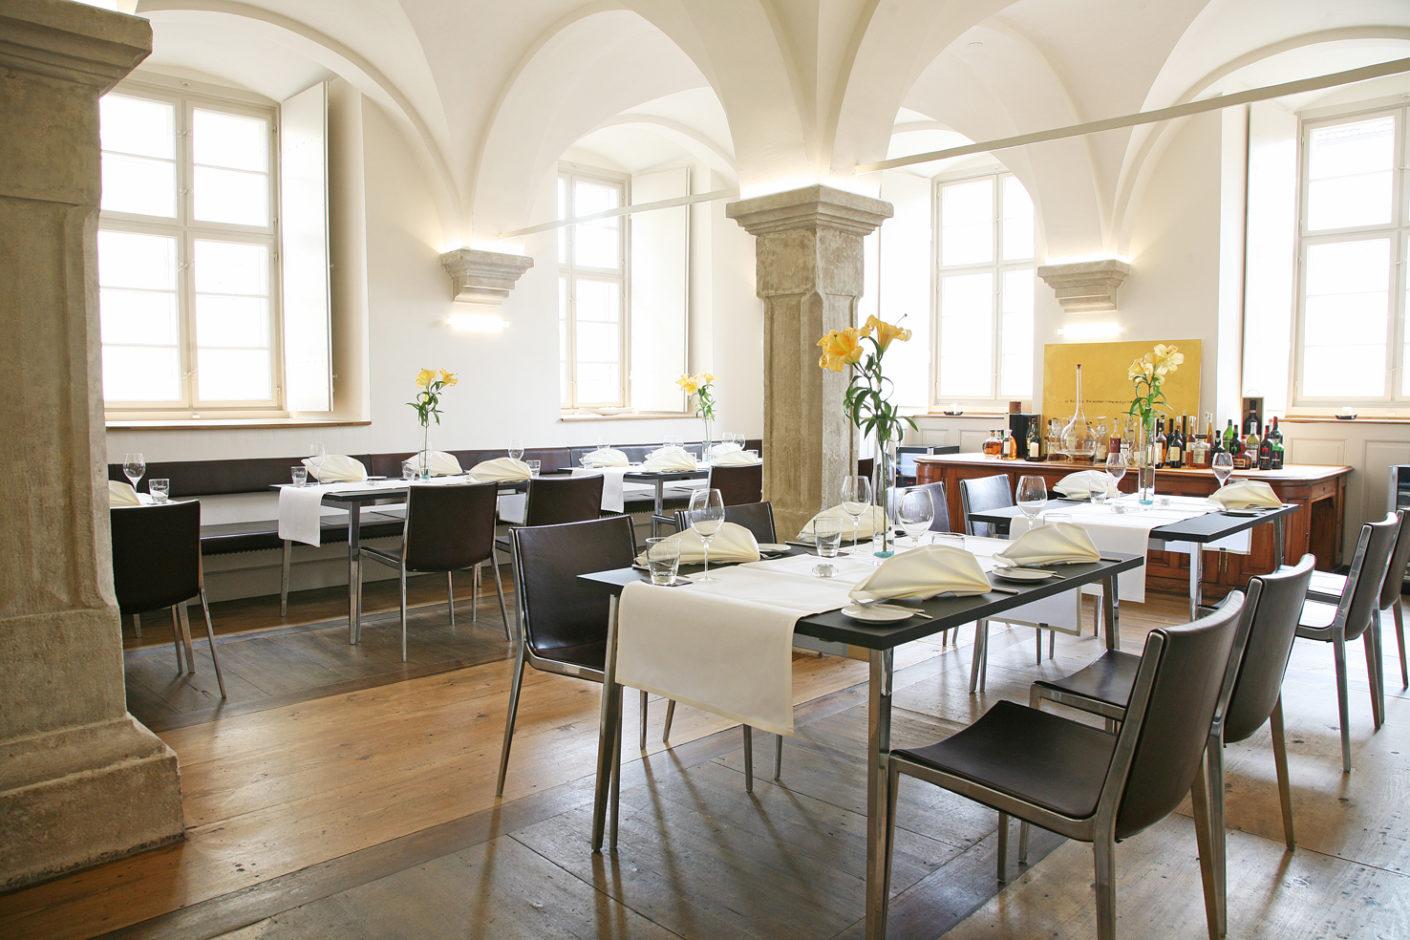 Für das Restaurant in der ehemaligen Fürstlich Fürstenbergischen Hofbibliothek in Donaueschingen wählte man Stühle und Tische von KFF.